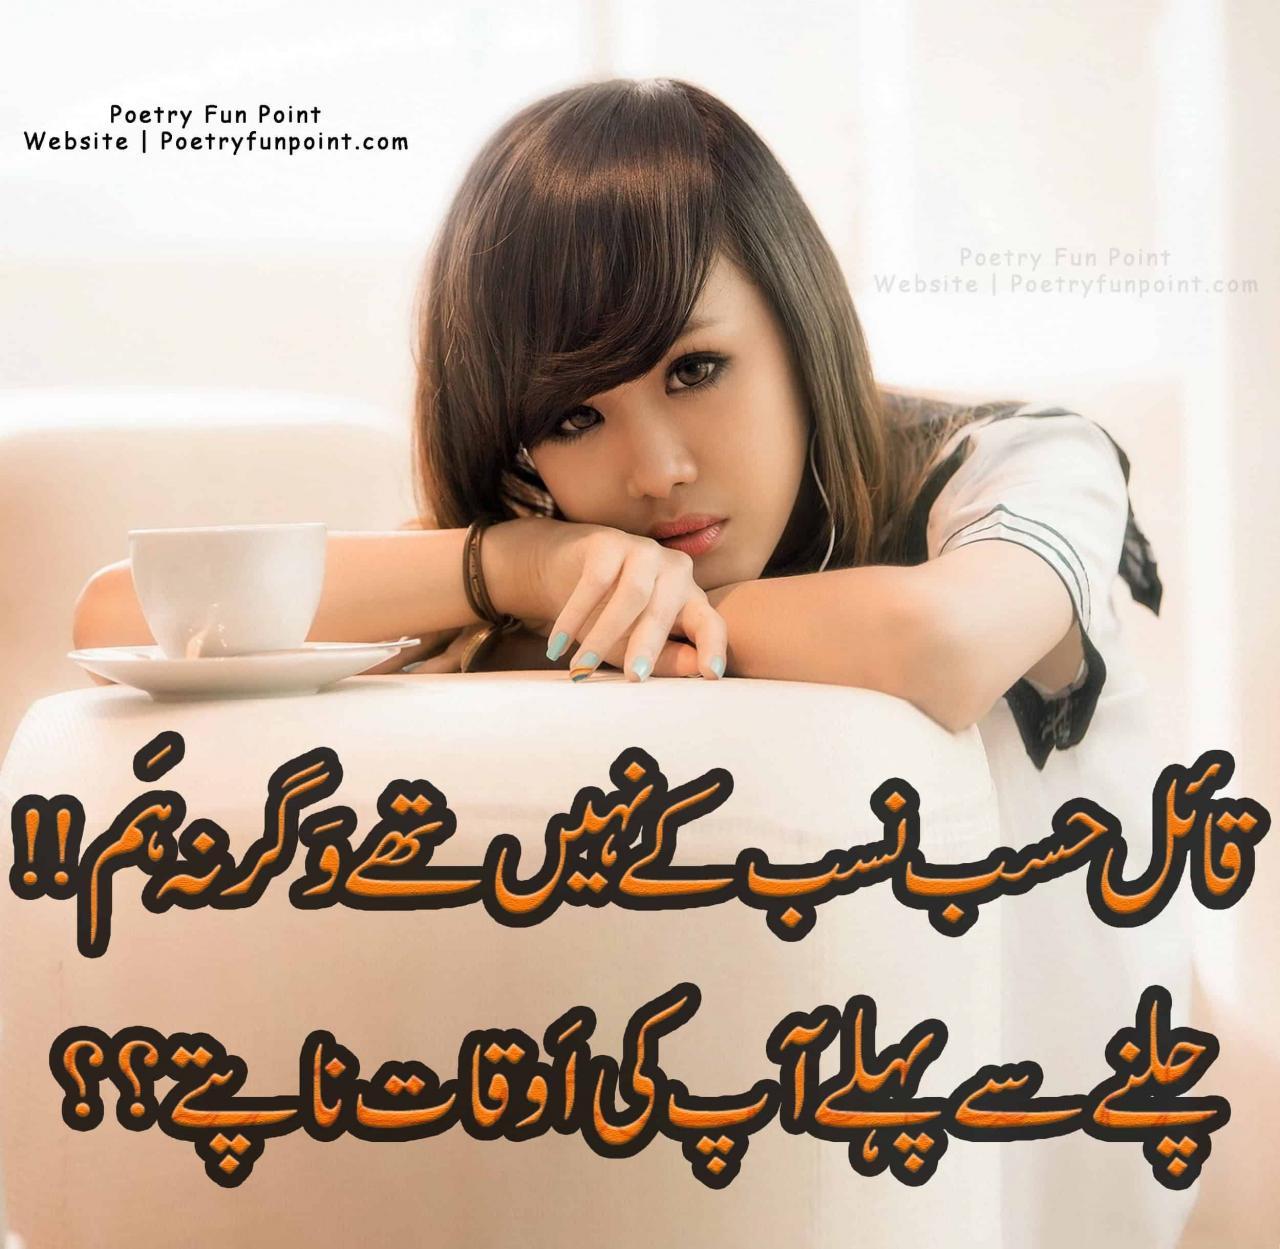 Urdu Sad Poetry Love Poetry Sad Sms December Poetry Romantic Poetry Urdu Shayari Love Quotes Hindi Poetry Urdu Sms Ghazal Www Poetryfunpoint Com